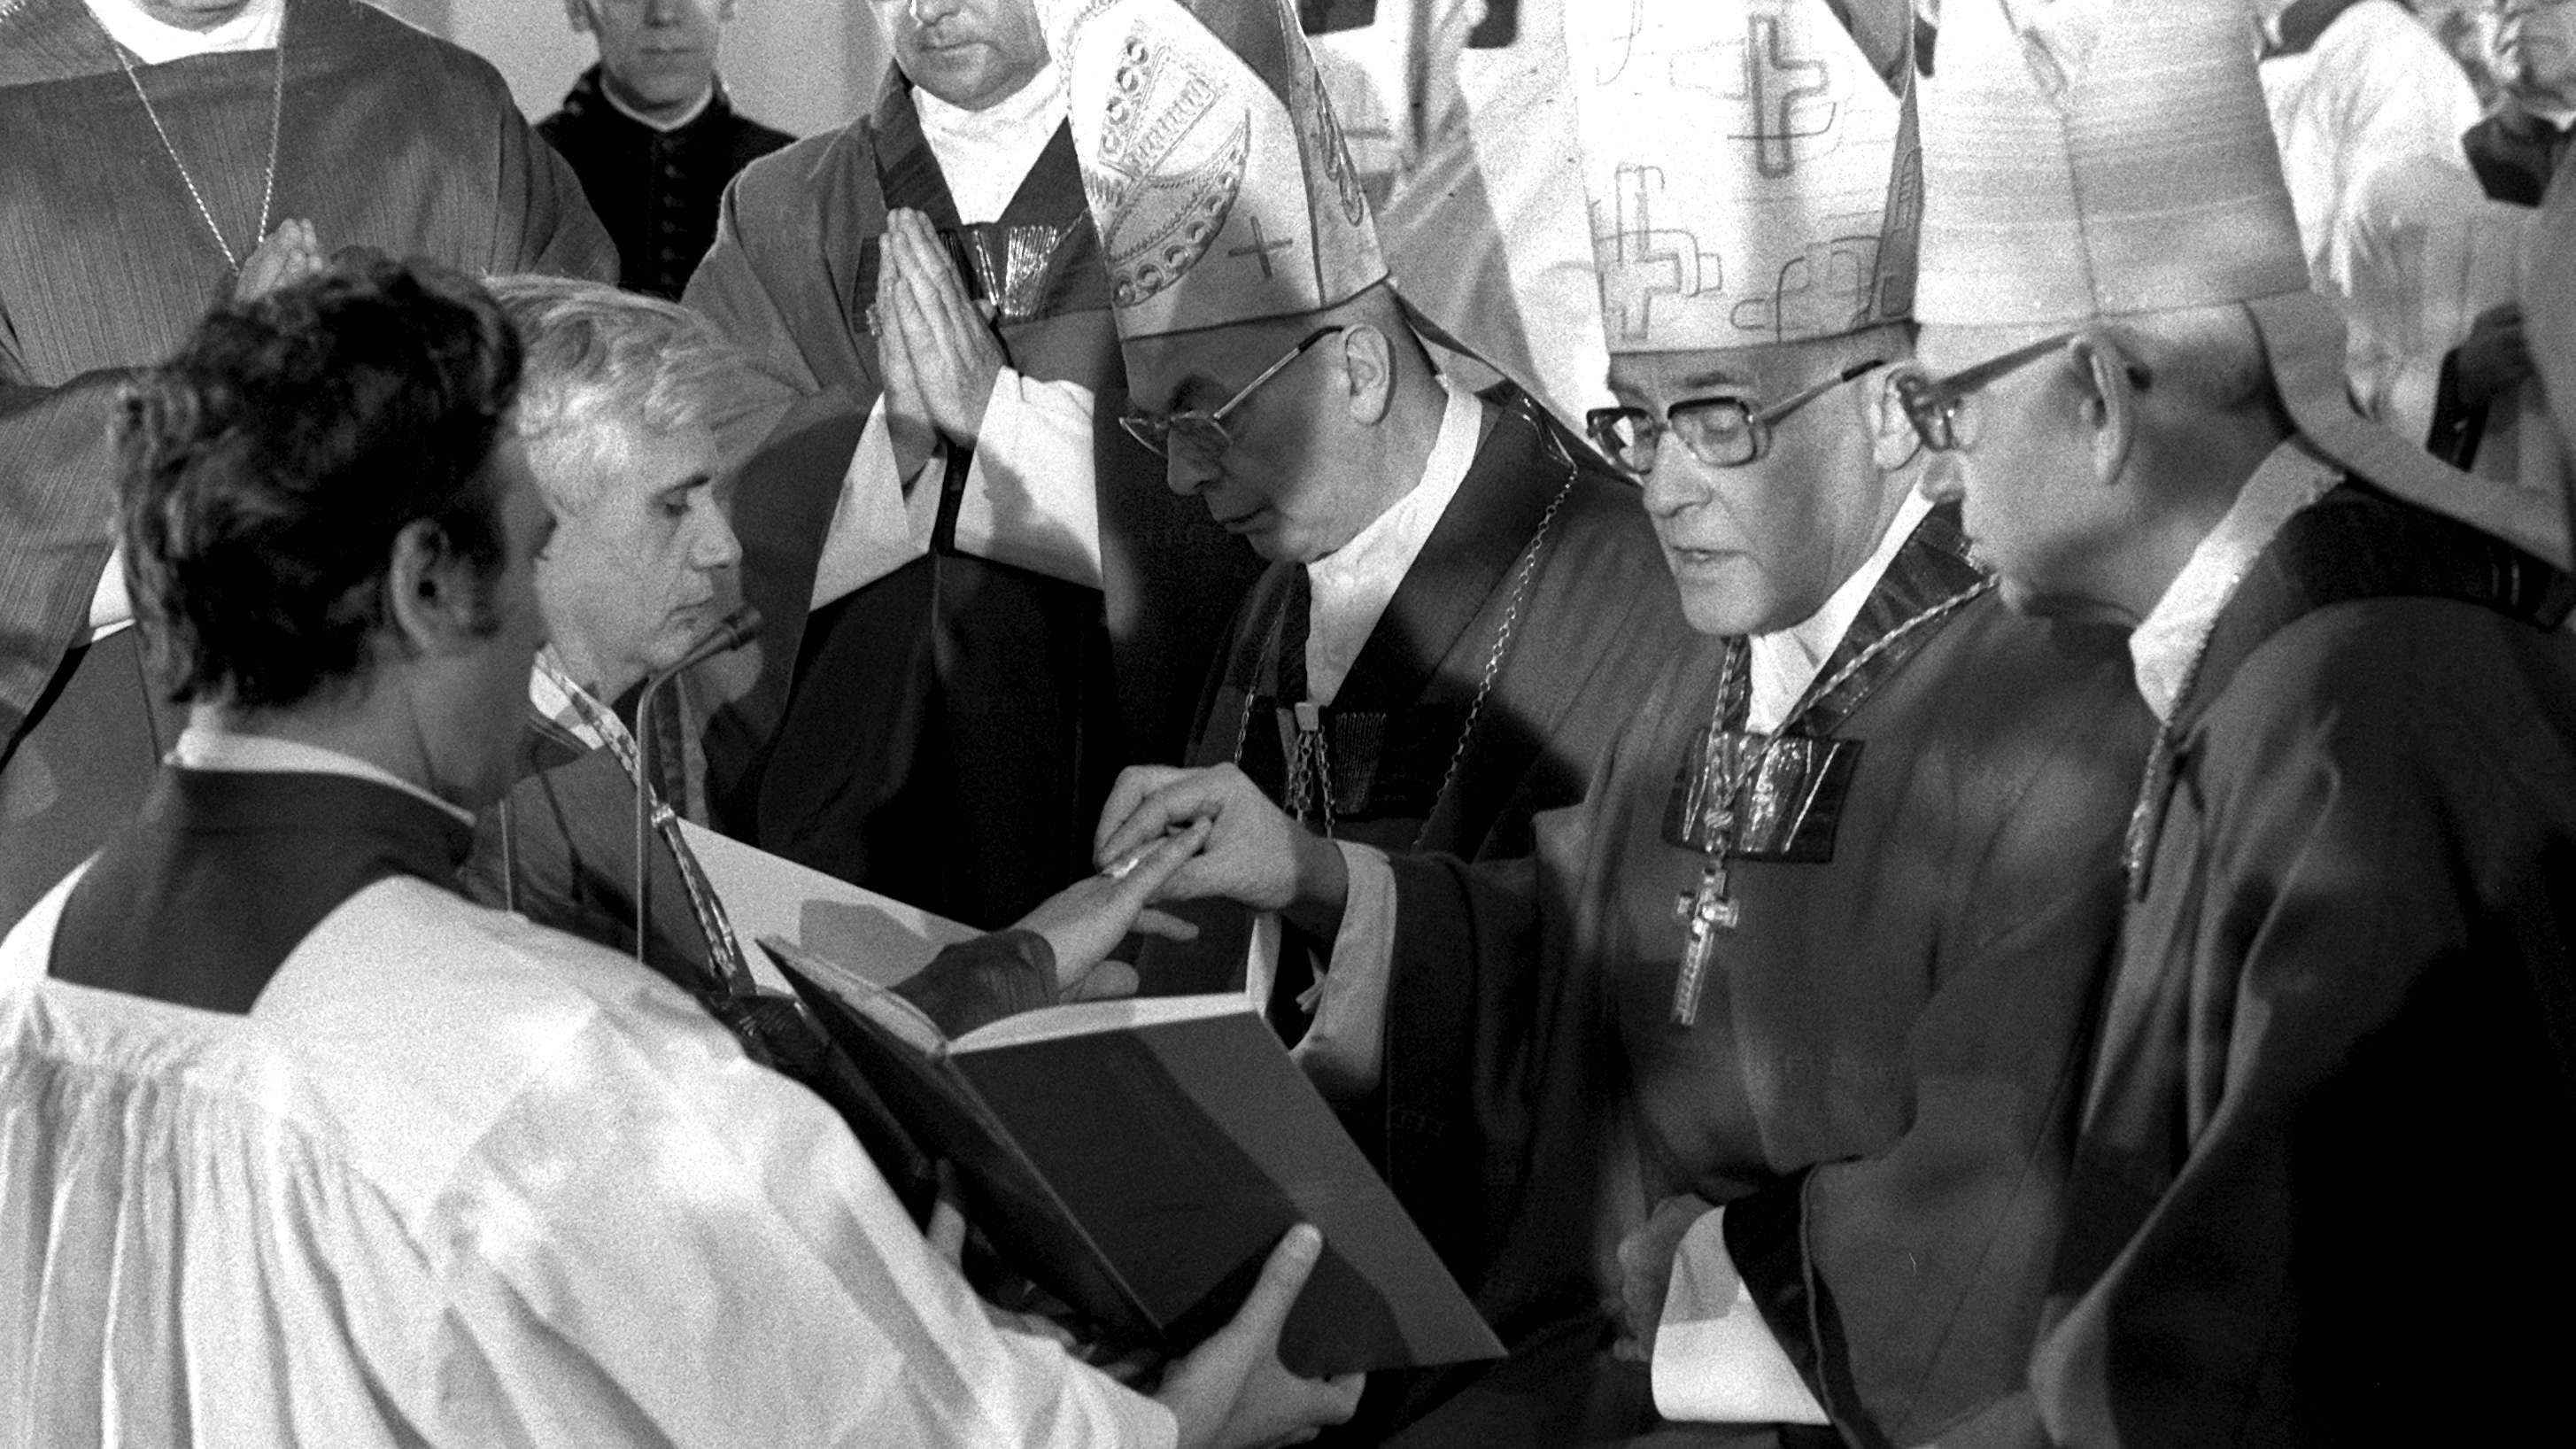 Bischofs Josef Stangl bei der Weihe von Joseph Ratzinger zum Bischof